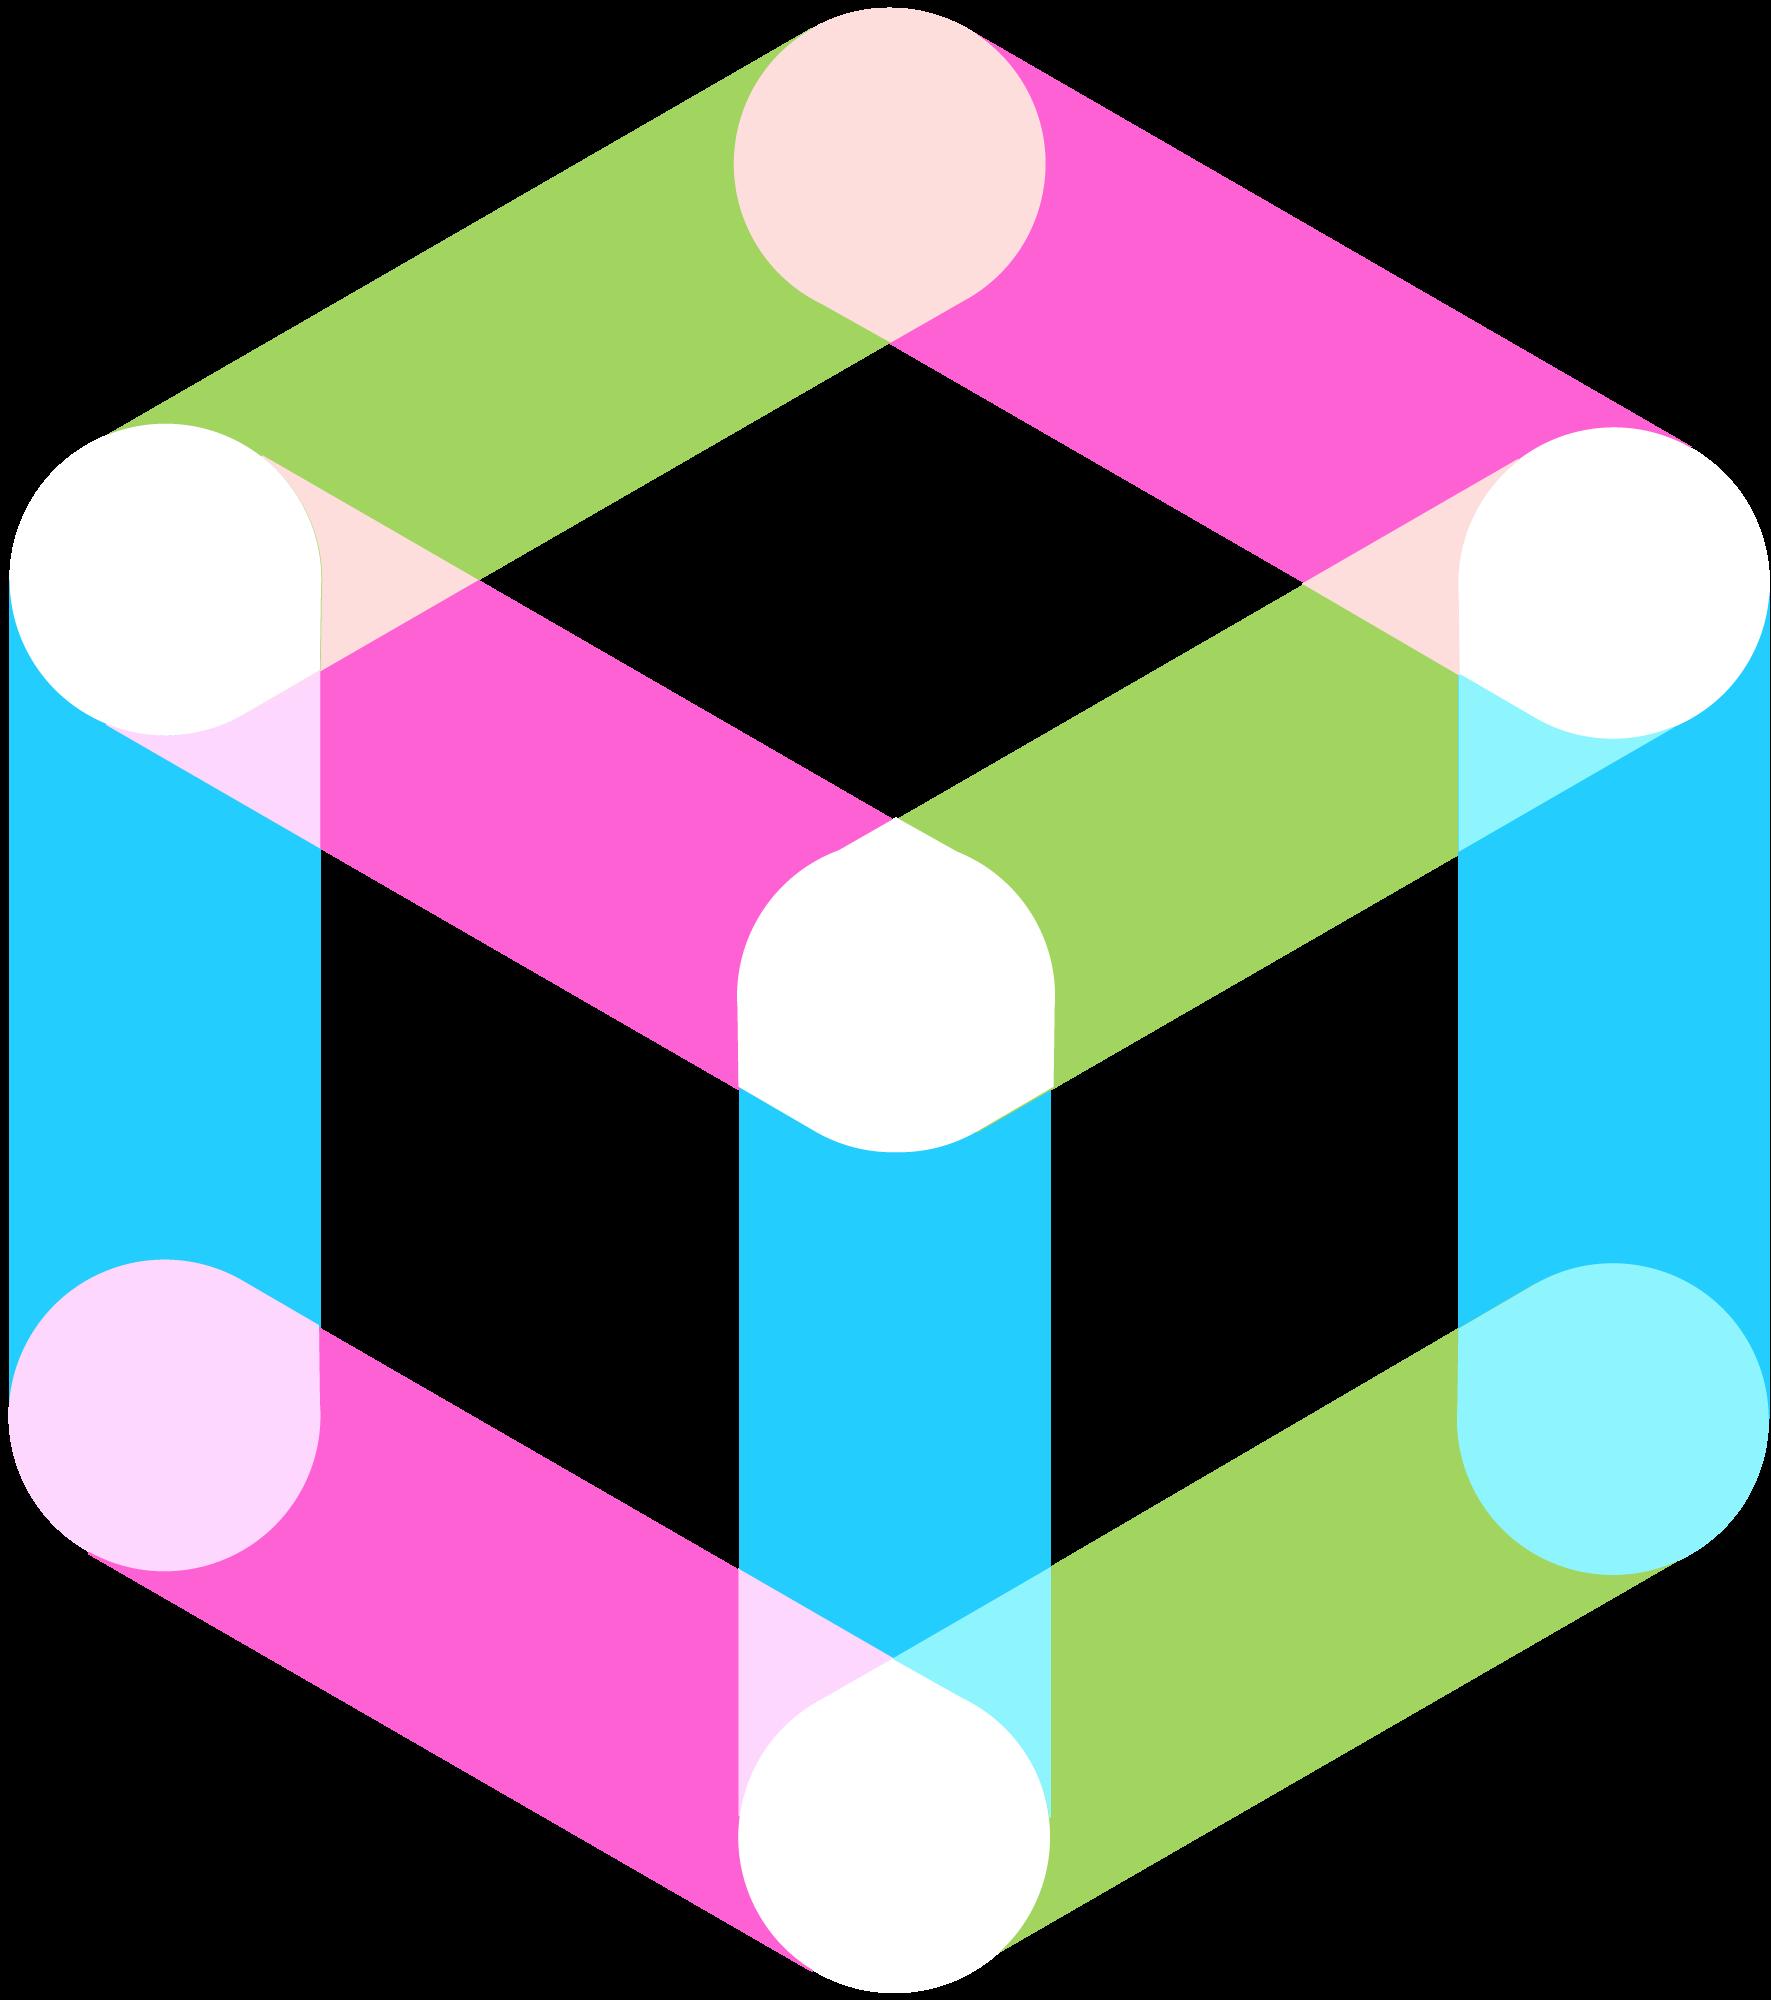 mark_large_color_transparent.png